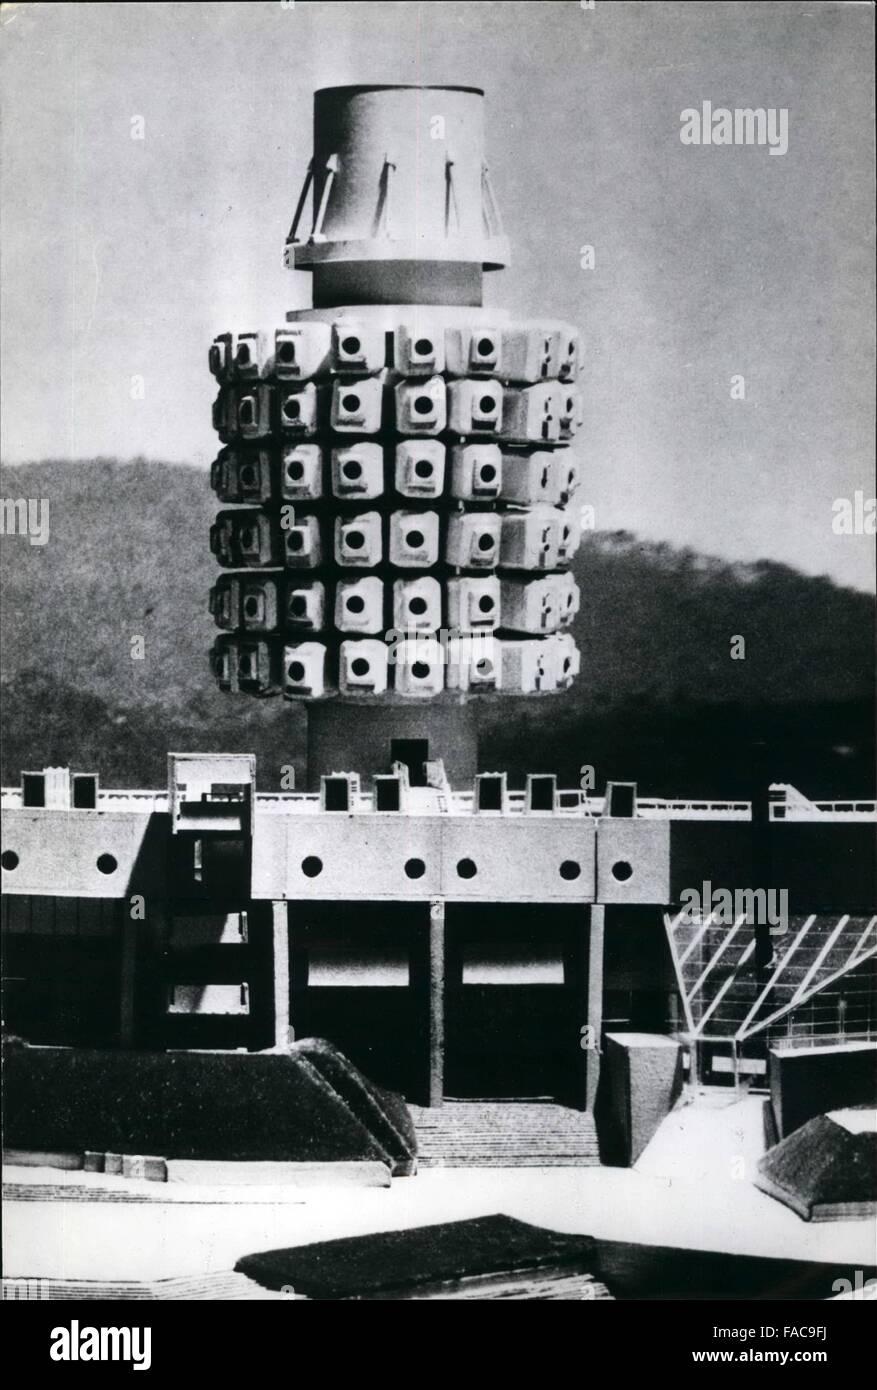 Aufzug Bauen Kosten 1968 japanische kapsel häuser die hohe kosten des